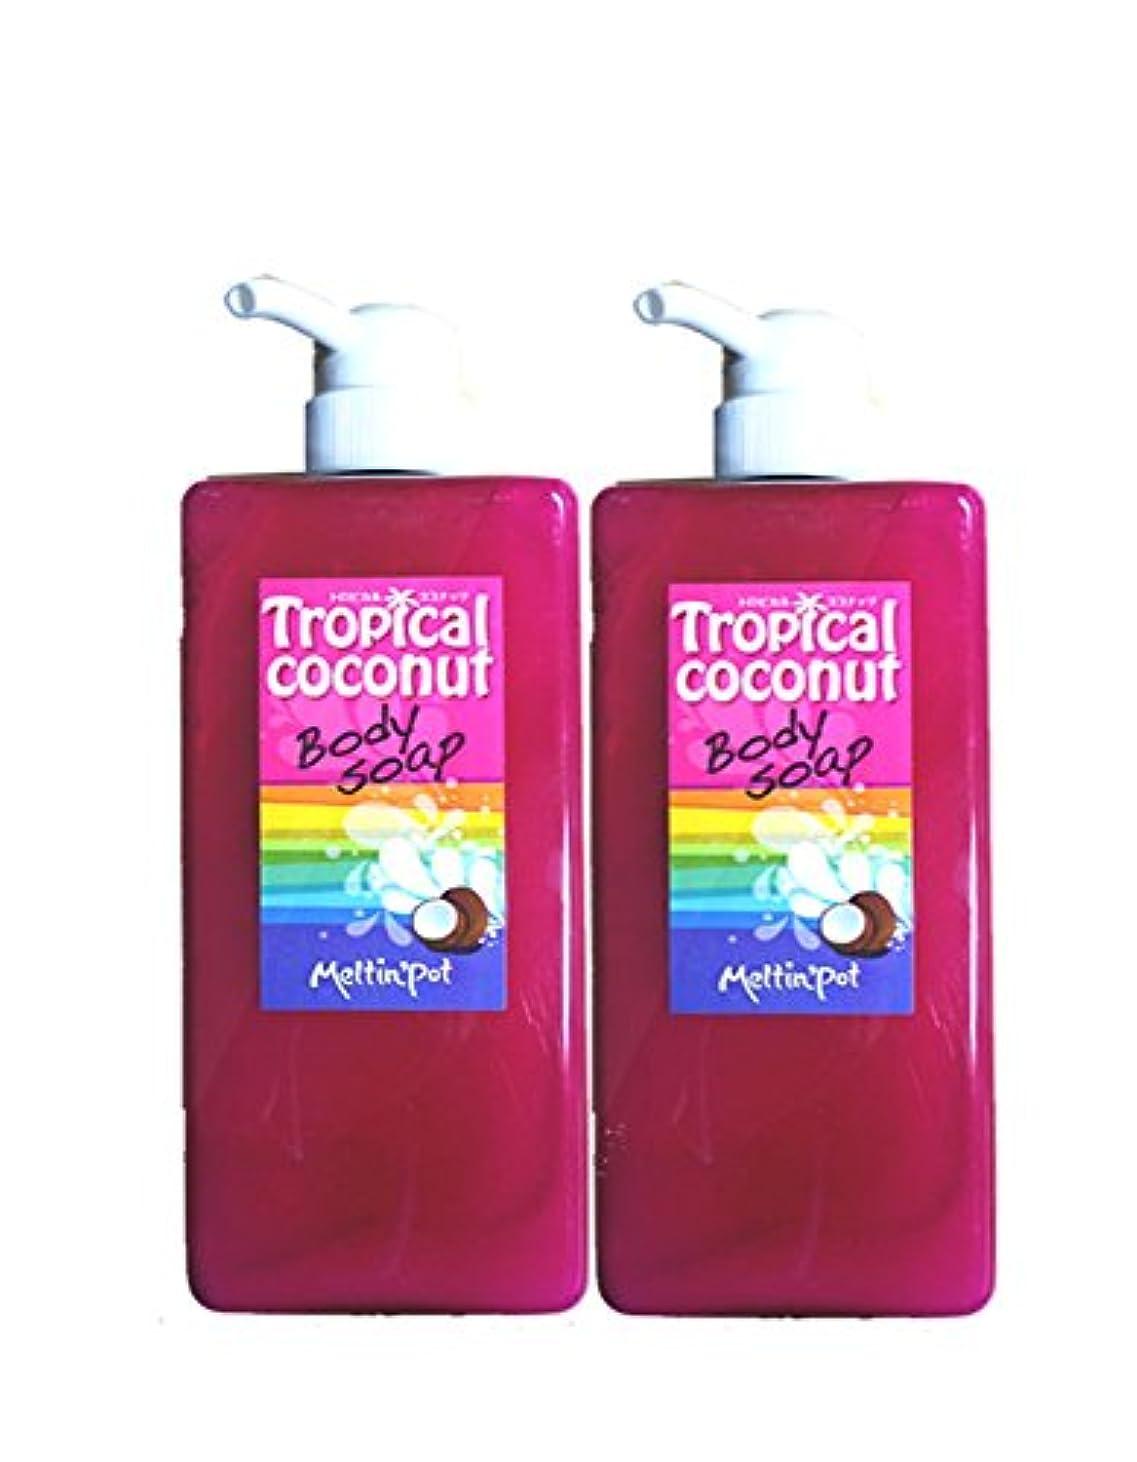 トロピカルココナッツ ボディソープ 600ml*2セット Tropical coconut Body Soap 加齢臭に!